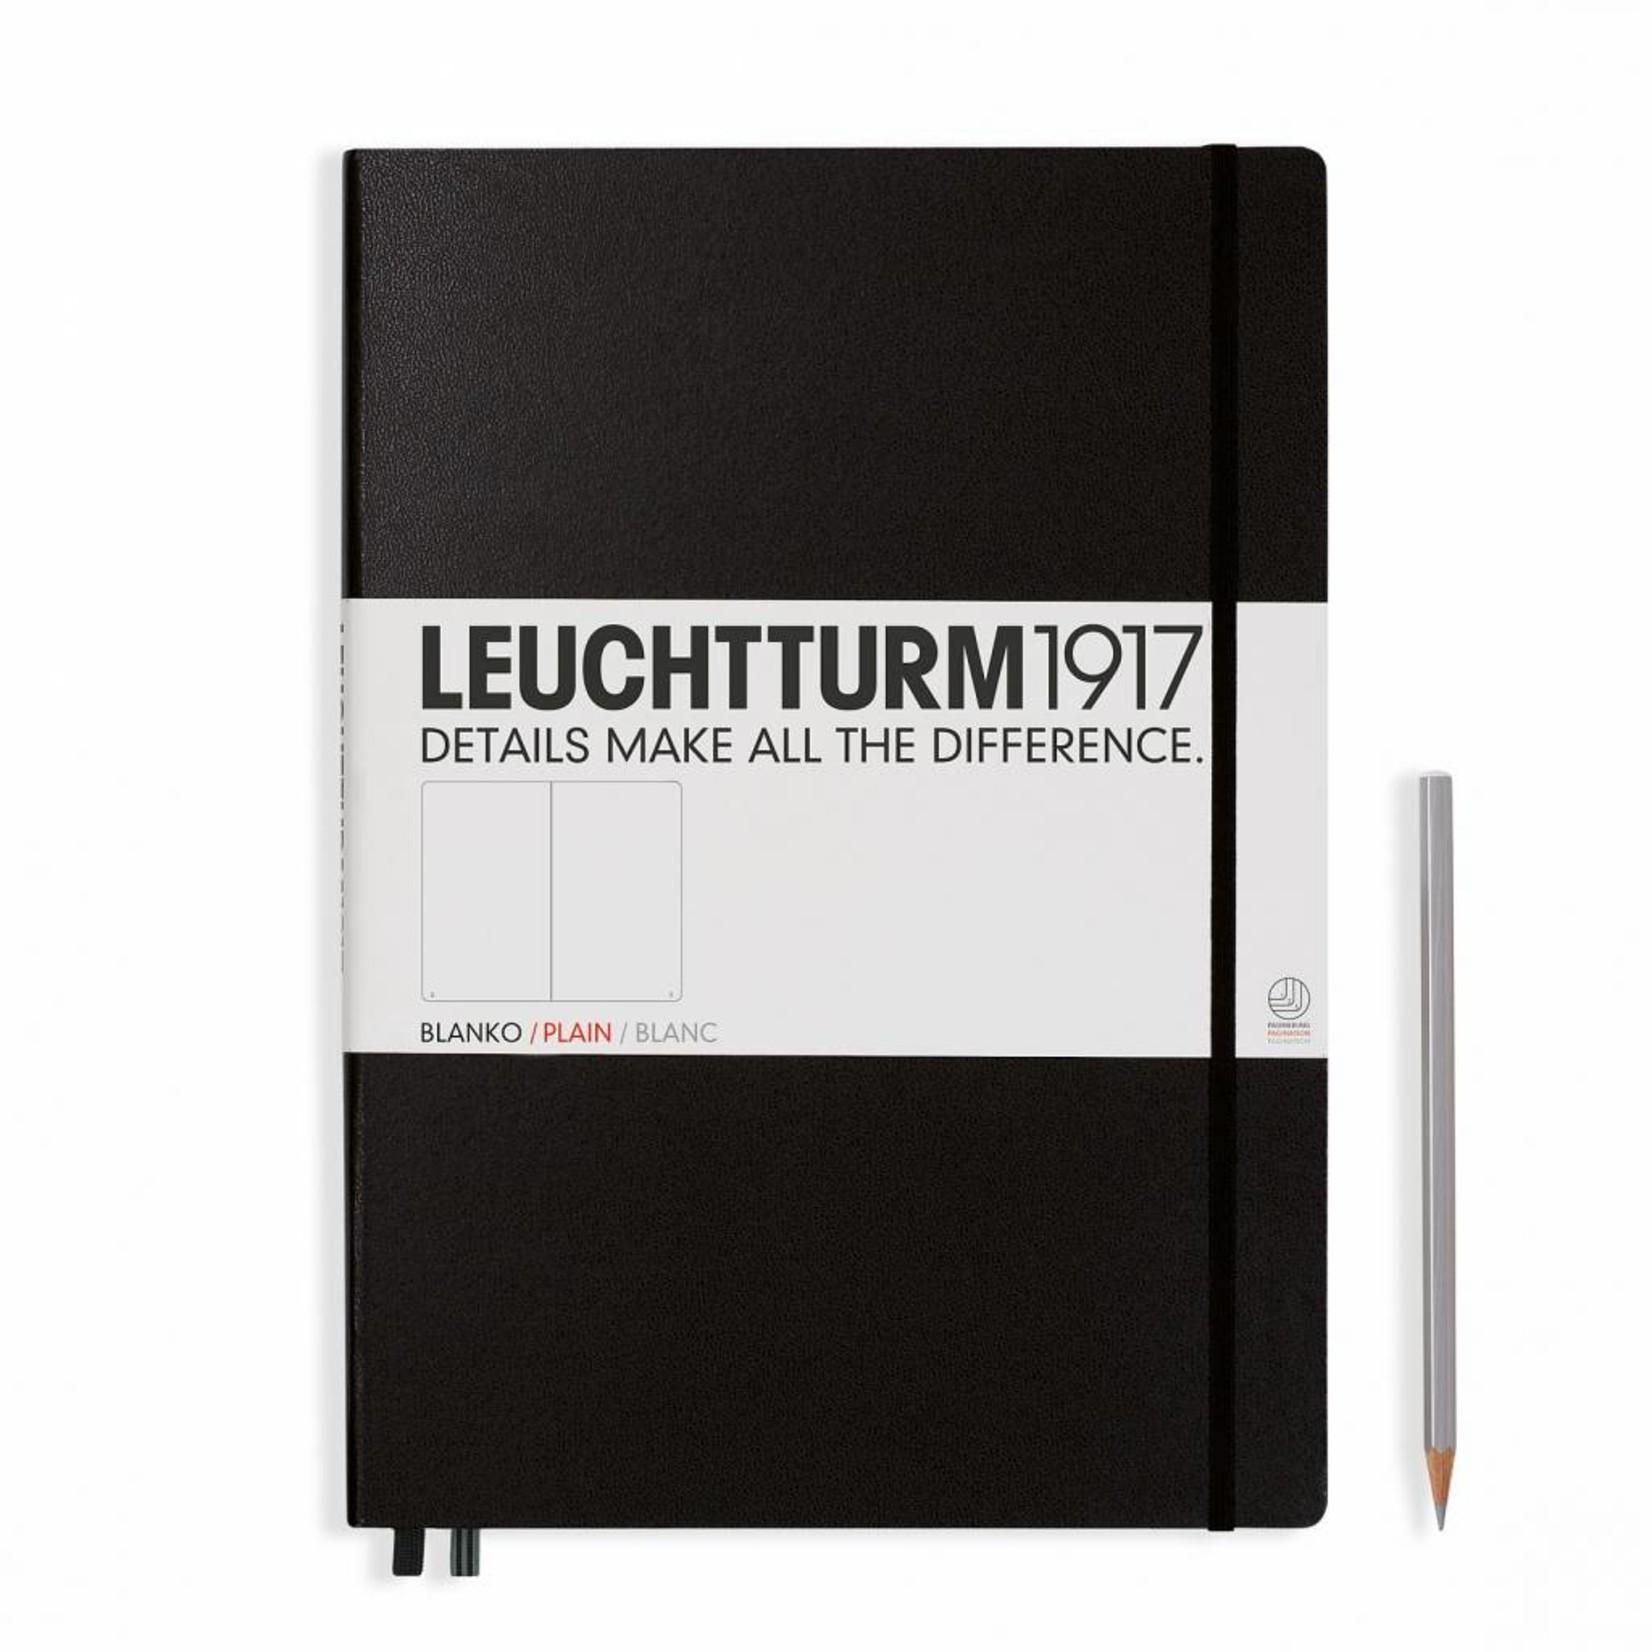 Leuchtturm1917 Leuchtturm1917 Notizbuch, Master Classic, Schwarz, Blanko